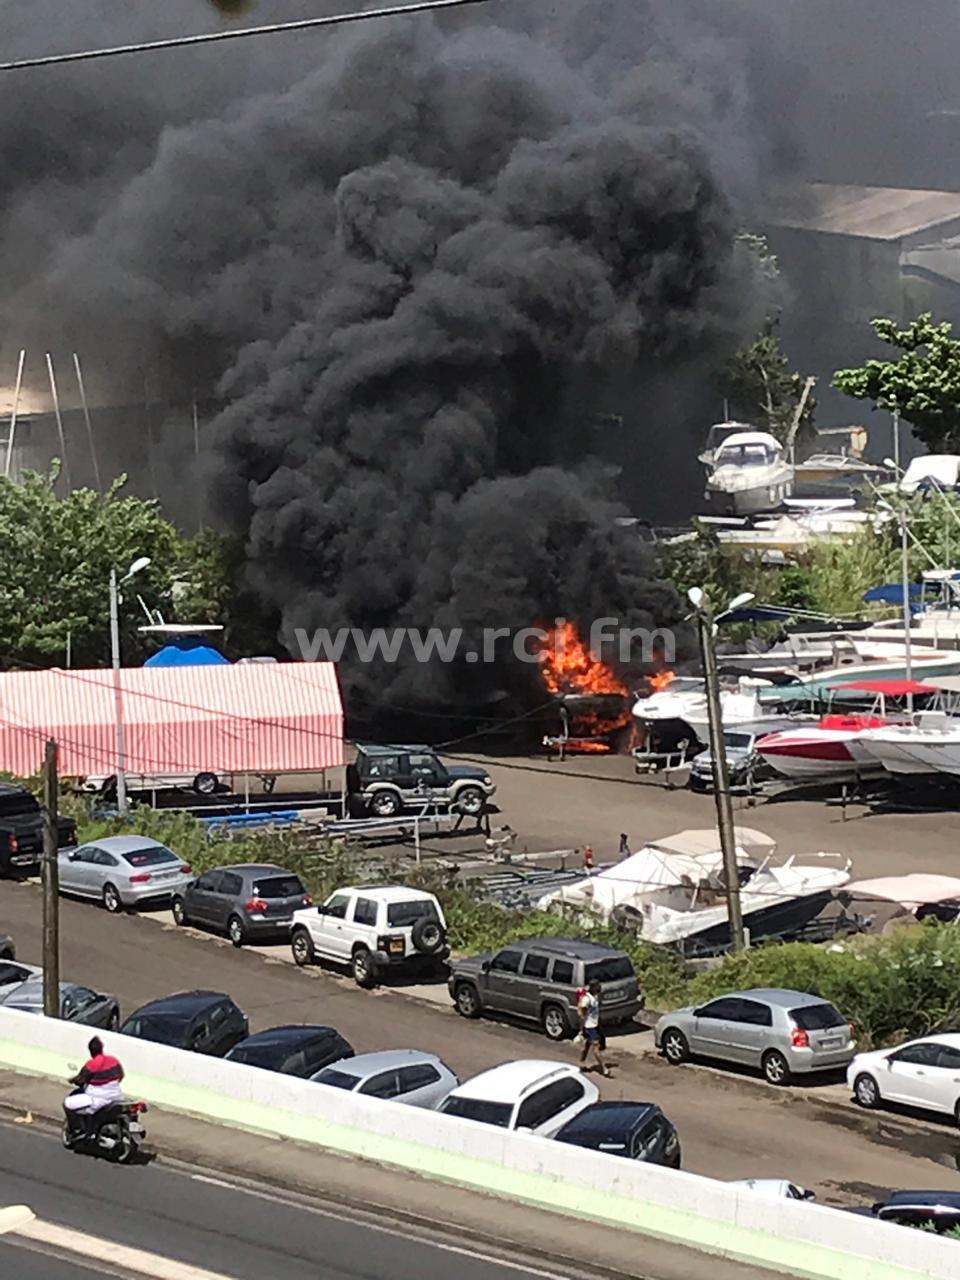 Un bateau prend feu sur la marina à proximité de la Baie des Tourelles à Fort-de-France